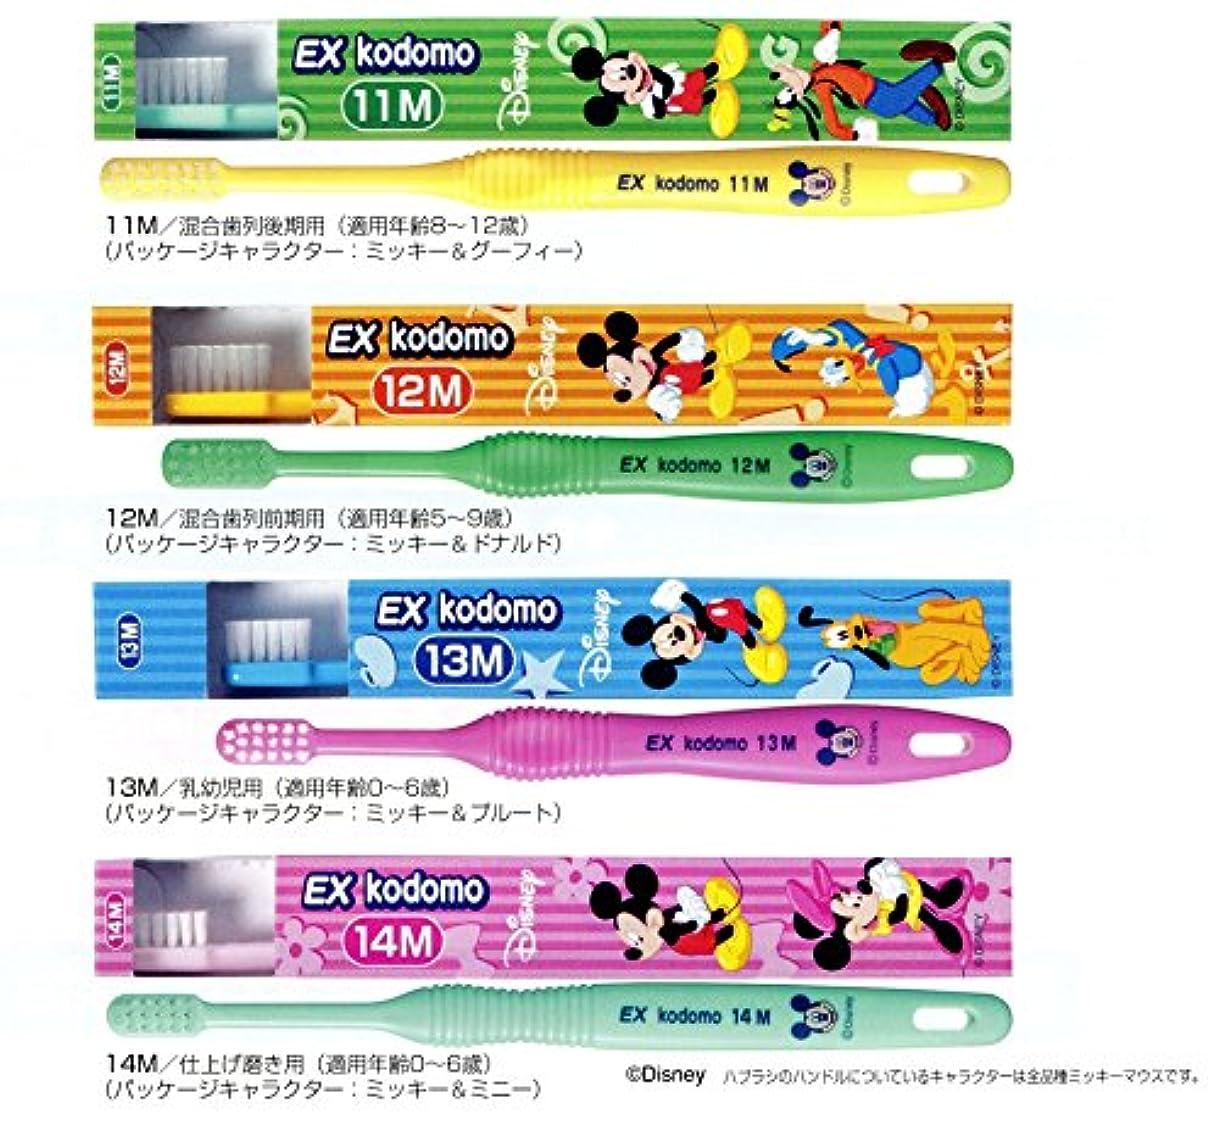 強打隣接する自発的ライオン コドモ ディズニー DENT.EX kodomo Disney 1本 12M イエロー (5?9歳)